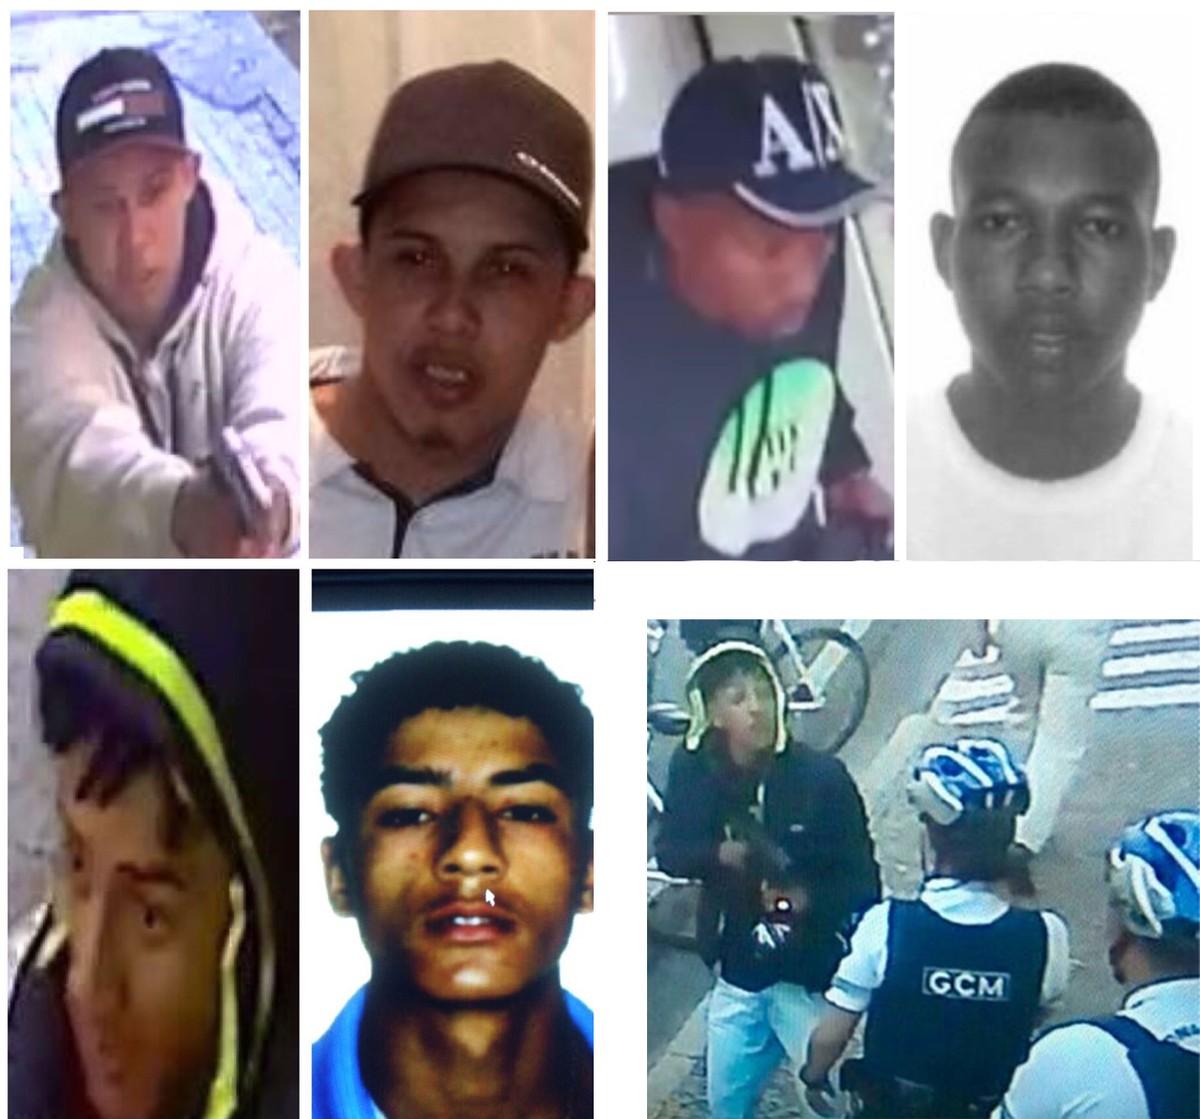 95547acaa19 Polícia identifica suspeitos de assalto a joalheria que terminou em  tiroteio e morte de jovem